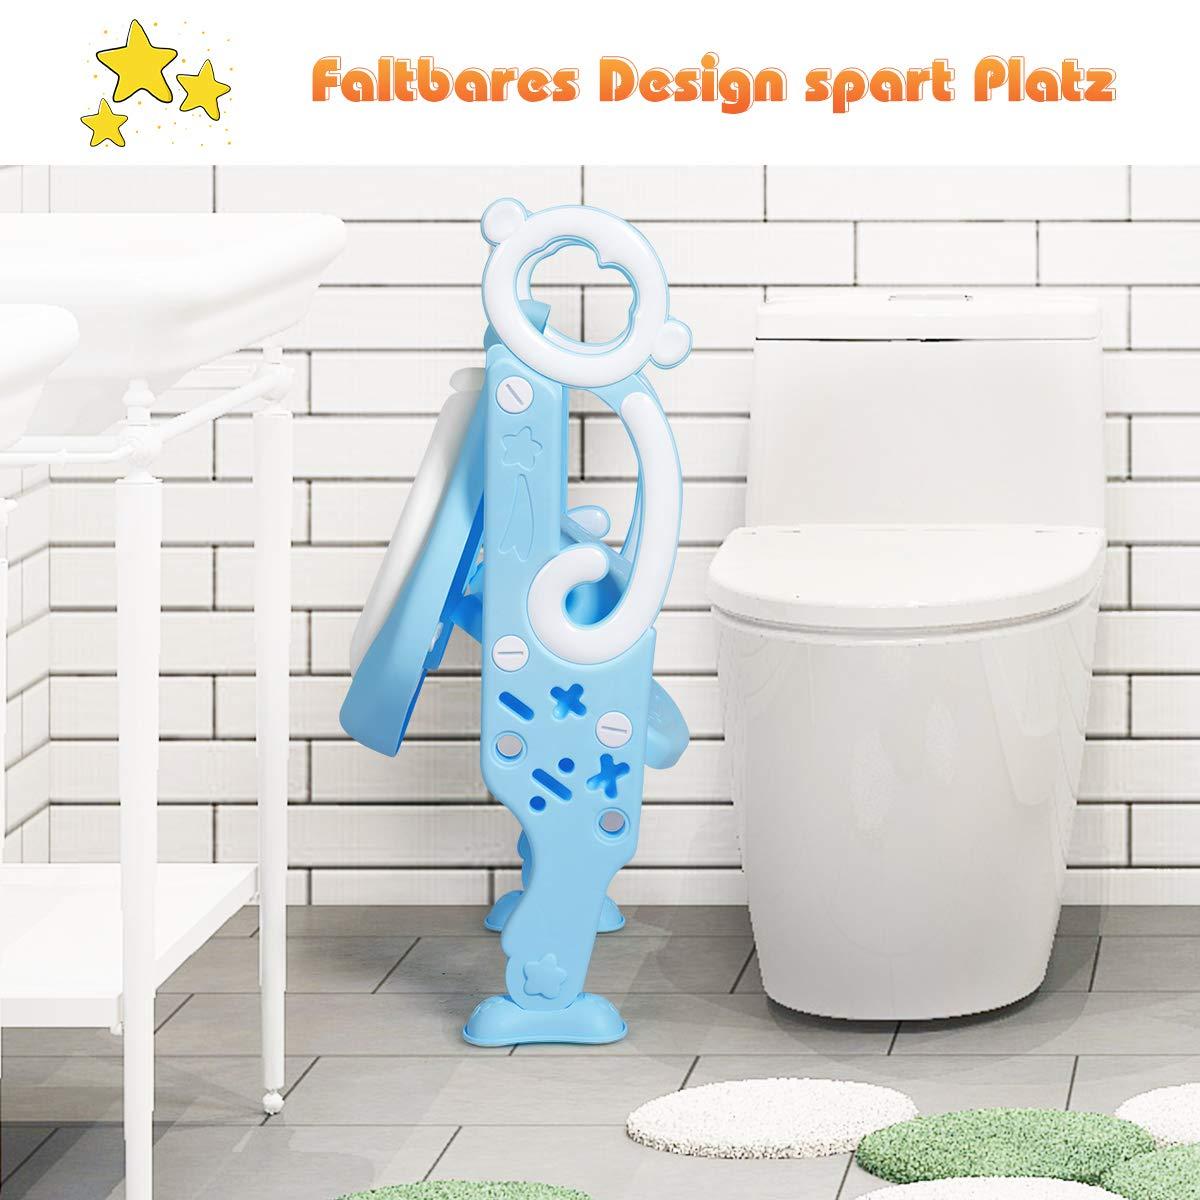 AYNEFY Kinder Toilettensitz Toilettenstuhl Toilettentrainer mit H/öhenverstellbar Treppe Faltbar T/öpfchen mit PU Kissen und Griffen Blau